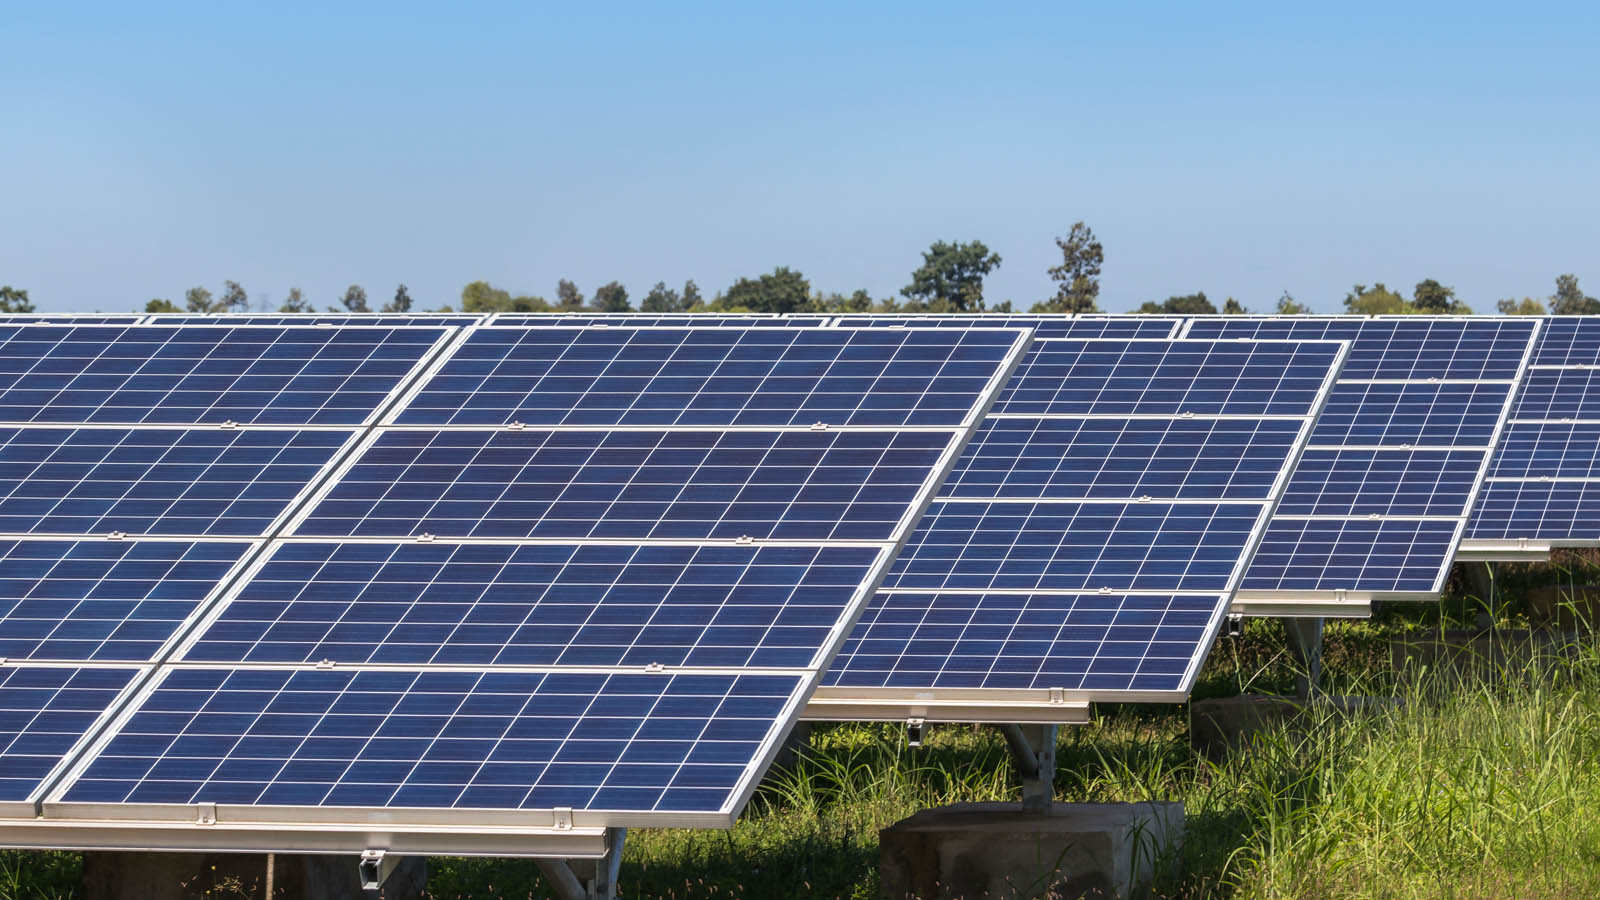 Quanto si risparmia con i pannelli fotovoltaici altroconsumo for Pannelli solari immagini